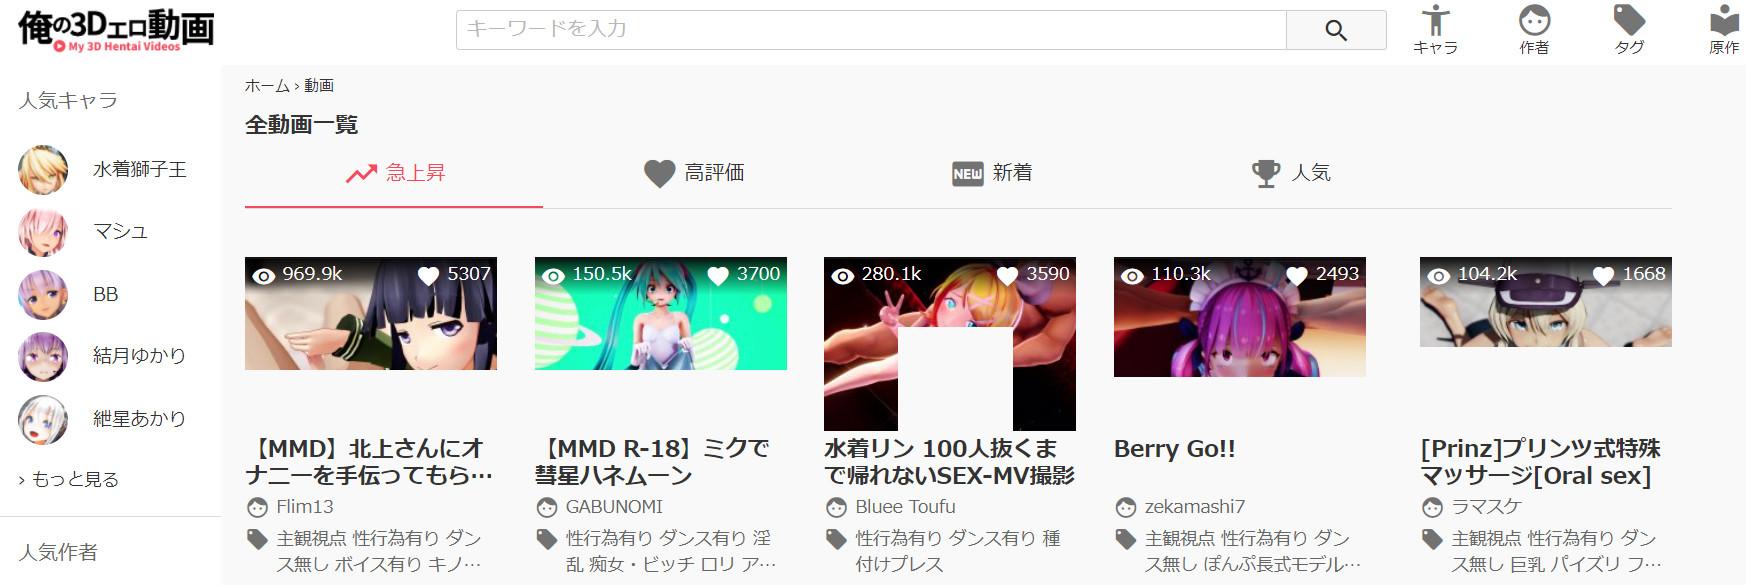 俺の3Dエロ動画